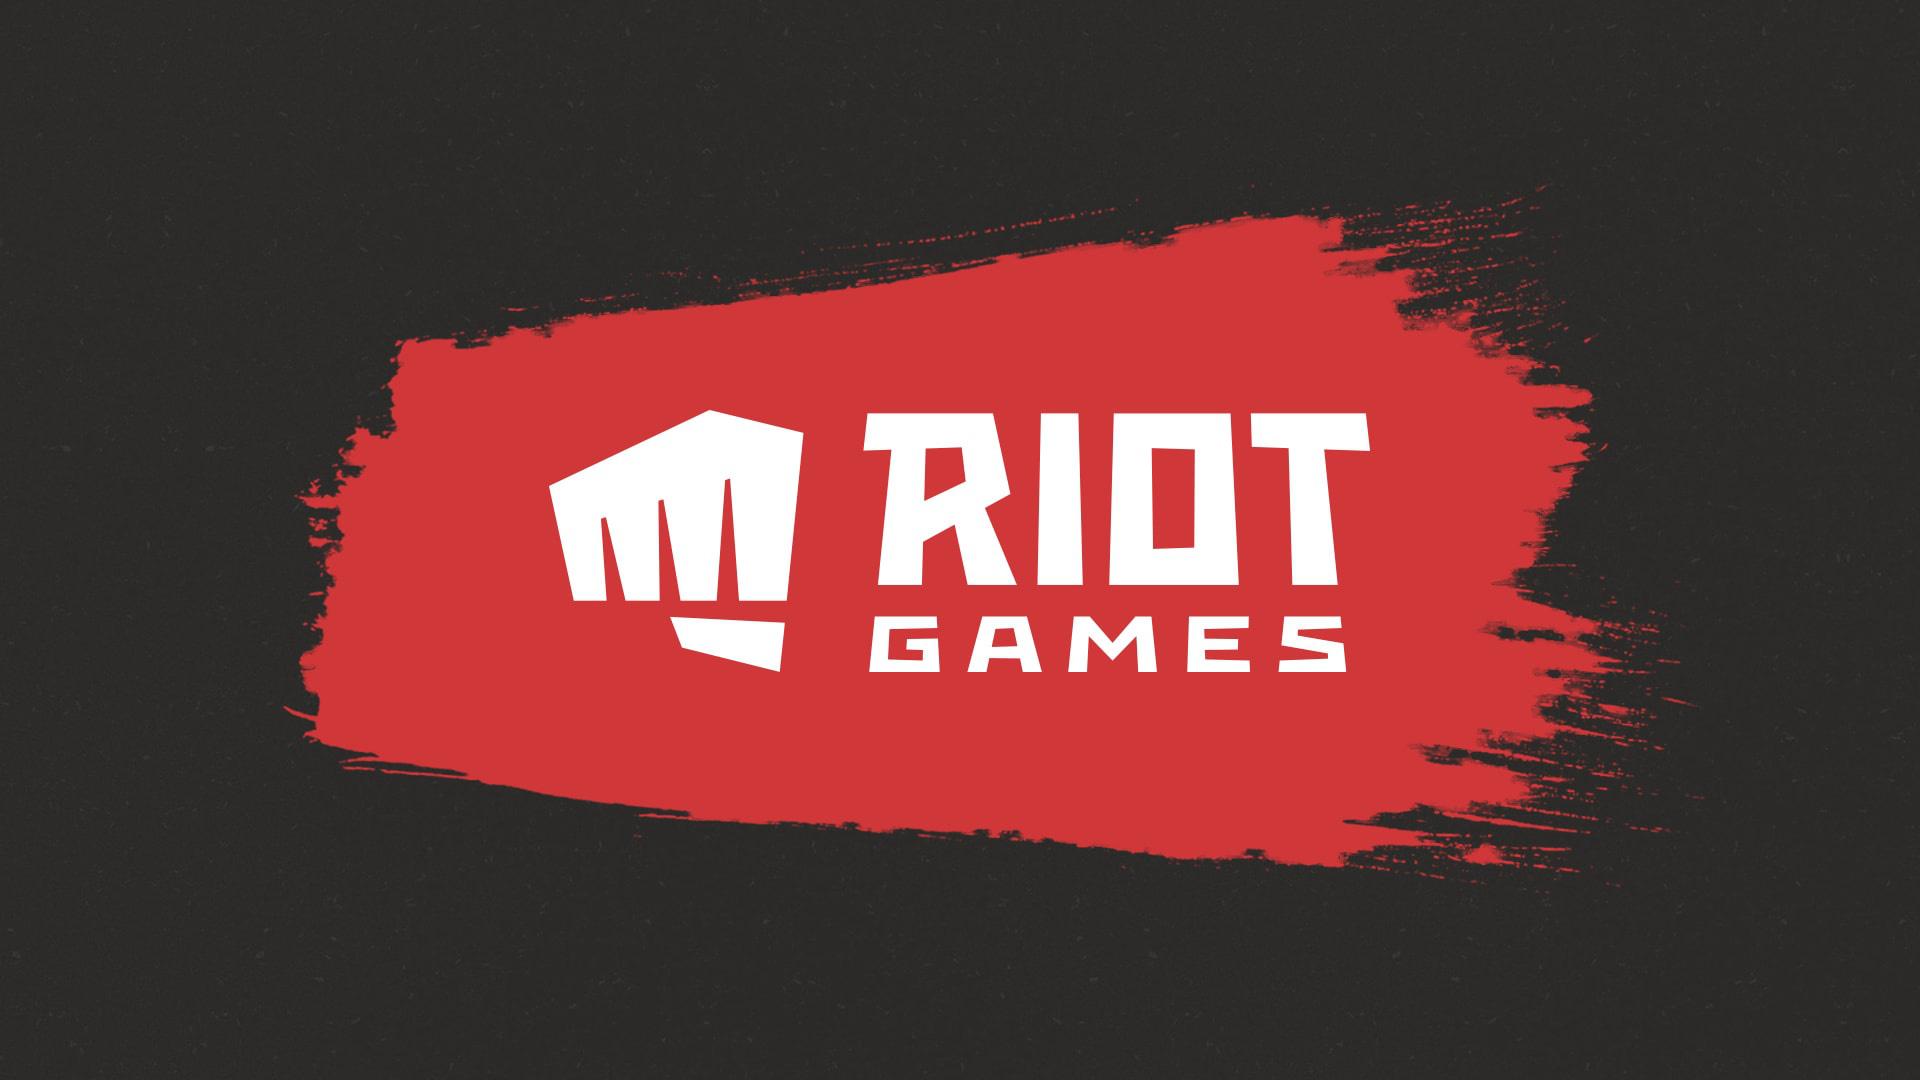 Client LMHT tiếp tục gặp lỗi, nhân viên Riot Games bực mình tới độ muốn  đóng game để sửa toàn diện